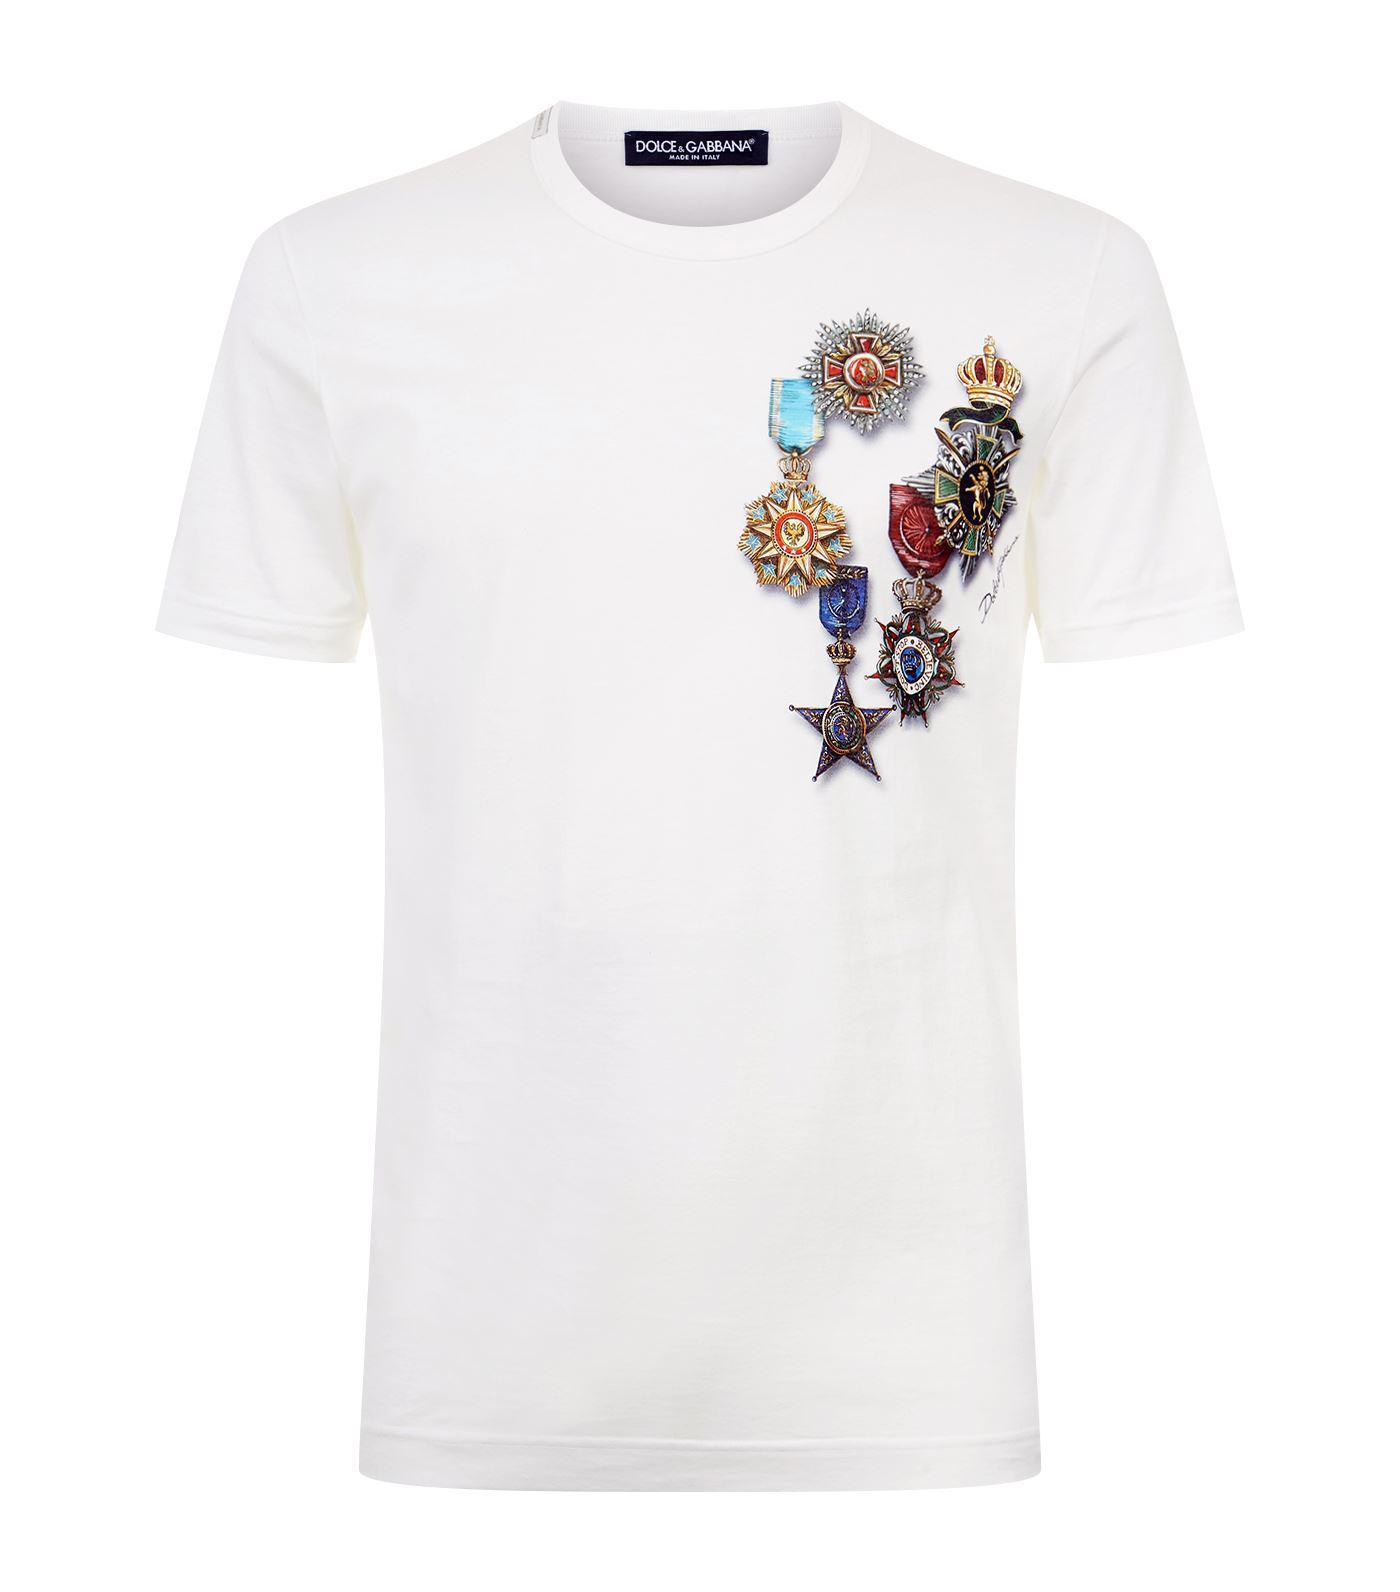 9da5f23fb Dolce & Gabbana Medal Printed T-shirt in White for Men - Lyst